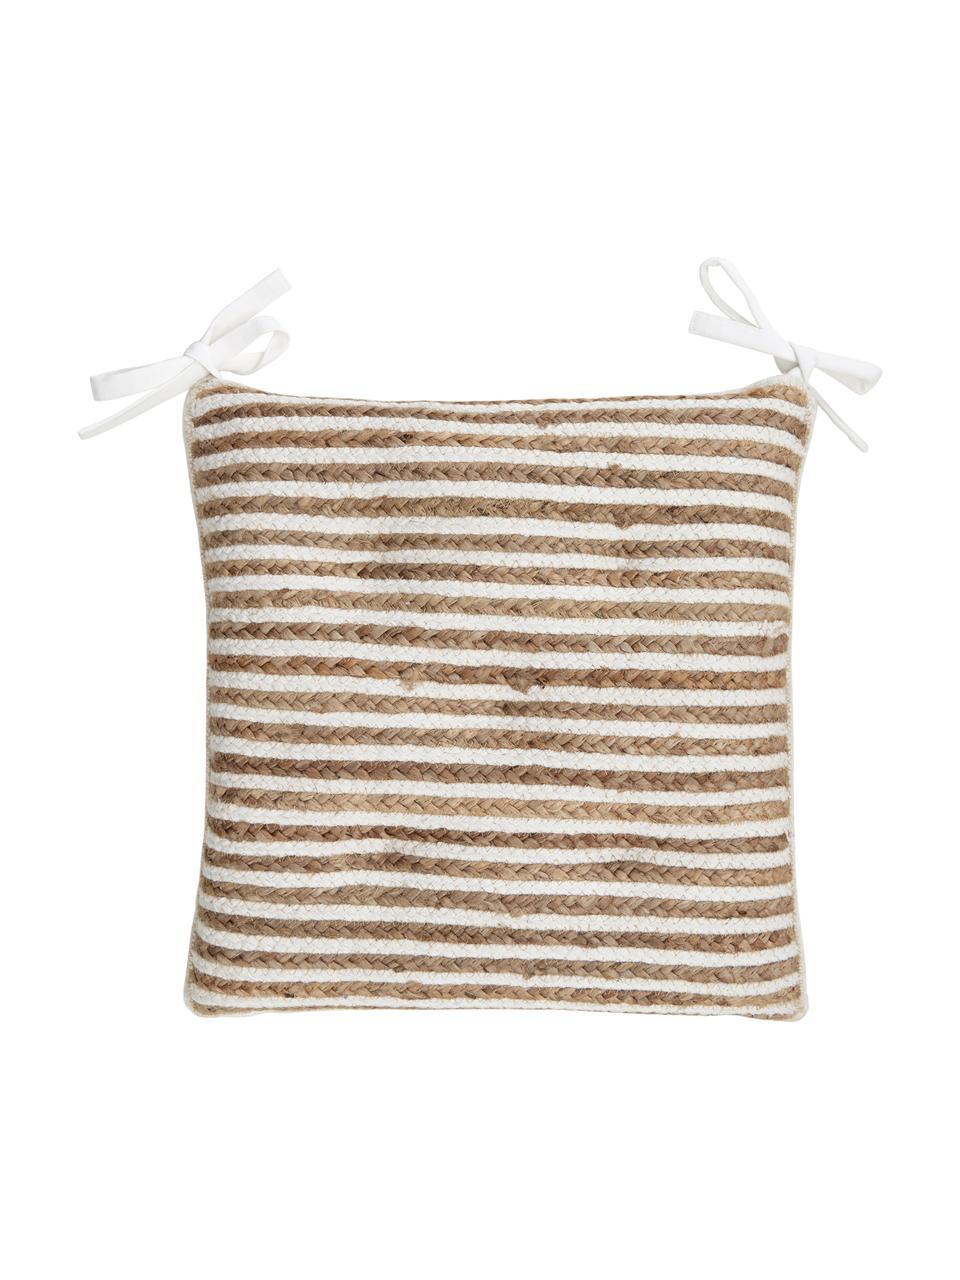 Jute-Sitzkissen Faeka, Vorderseite: Jute, Baumwolle, Rückseite: 100% Baumwolle, Beige,Weiß, 40 x 40 cm